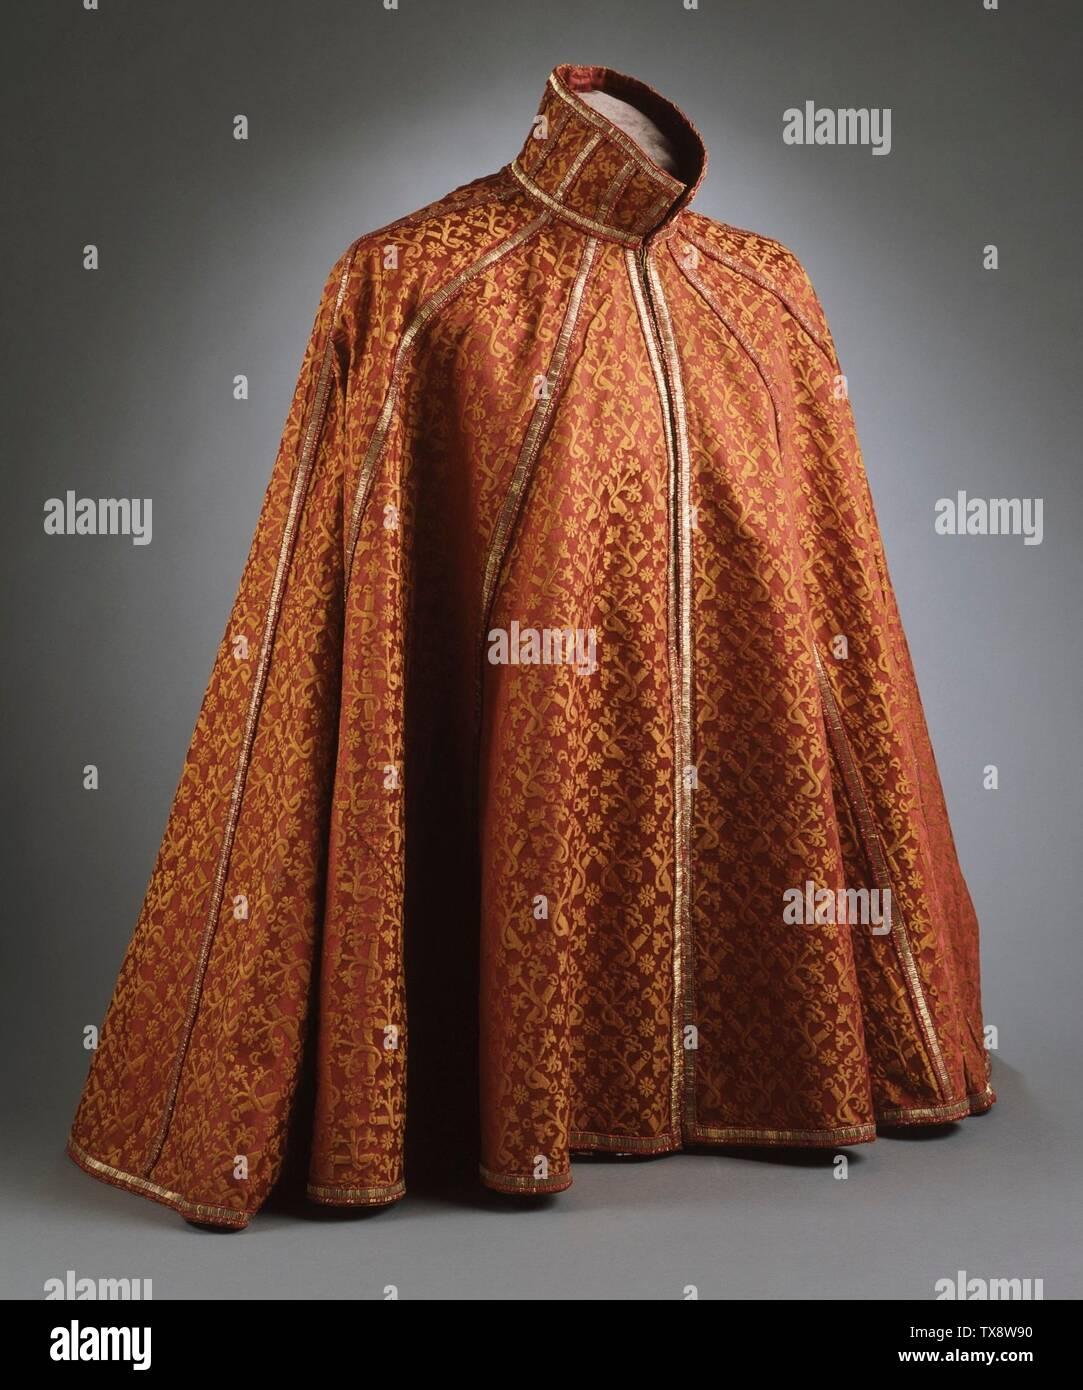 """""""La Cape; en inglés: España, circa 1590-1610; Trajes de abrigo de satén de seda de damasco Consejo disfraces compra Fund (M.83.193.4) Vestuario y Textiles; entre circa 1590 y circa 1610 fecha QS:P571,+1500-00-00T00:00:00Z/6,P1319,+1590-00-00T00:00:00Z/9,P1326,+1610-00-00T00:00:00Z/9,P1480,Q5727902; ' Imagen De Stock"""